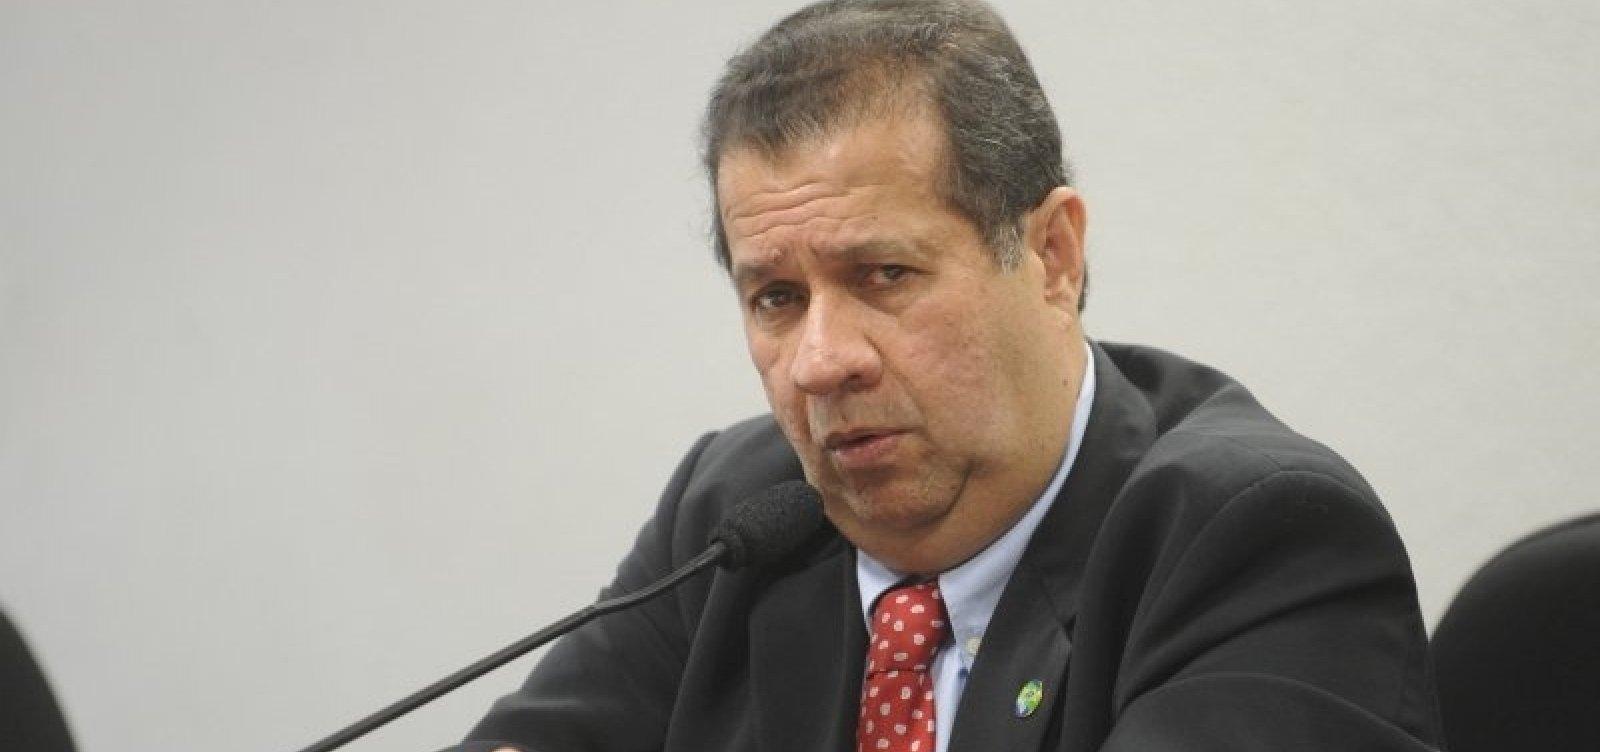 'Tem que assumir que está indo para direita', diz Lupi sobre Tabata